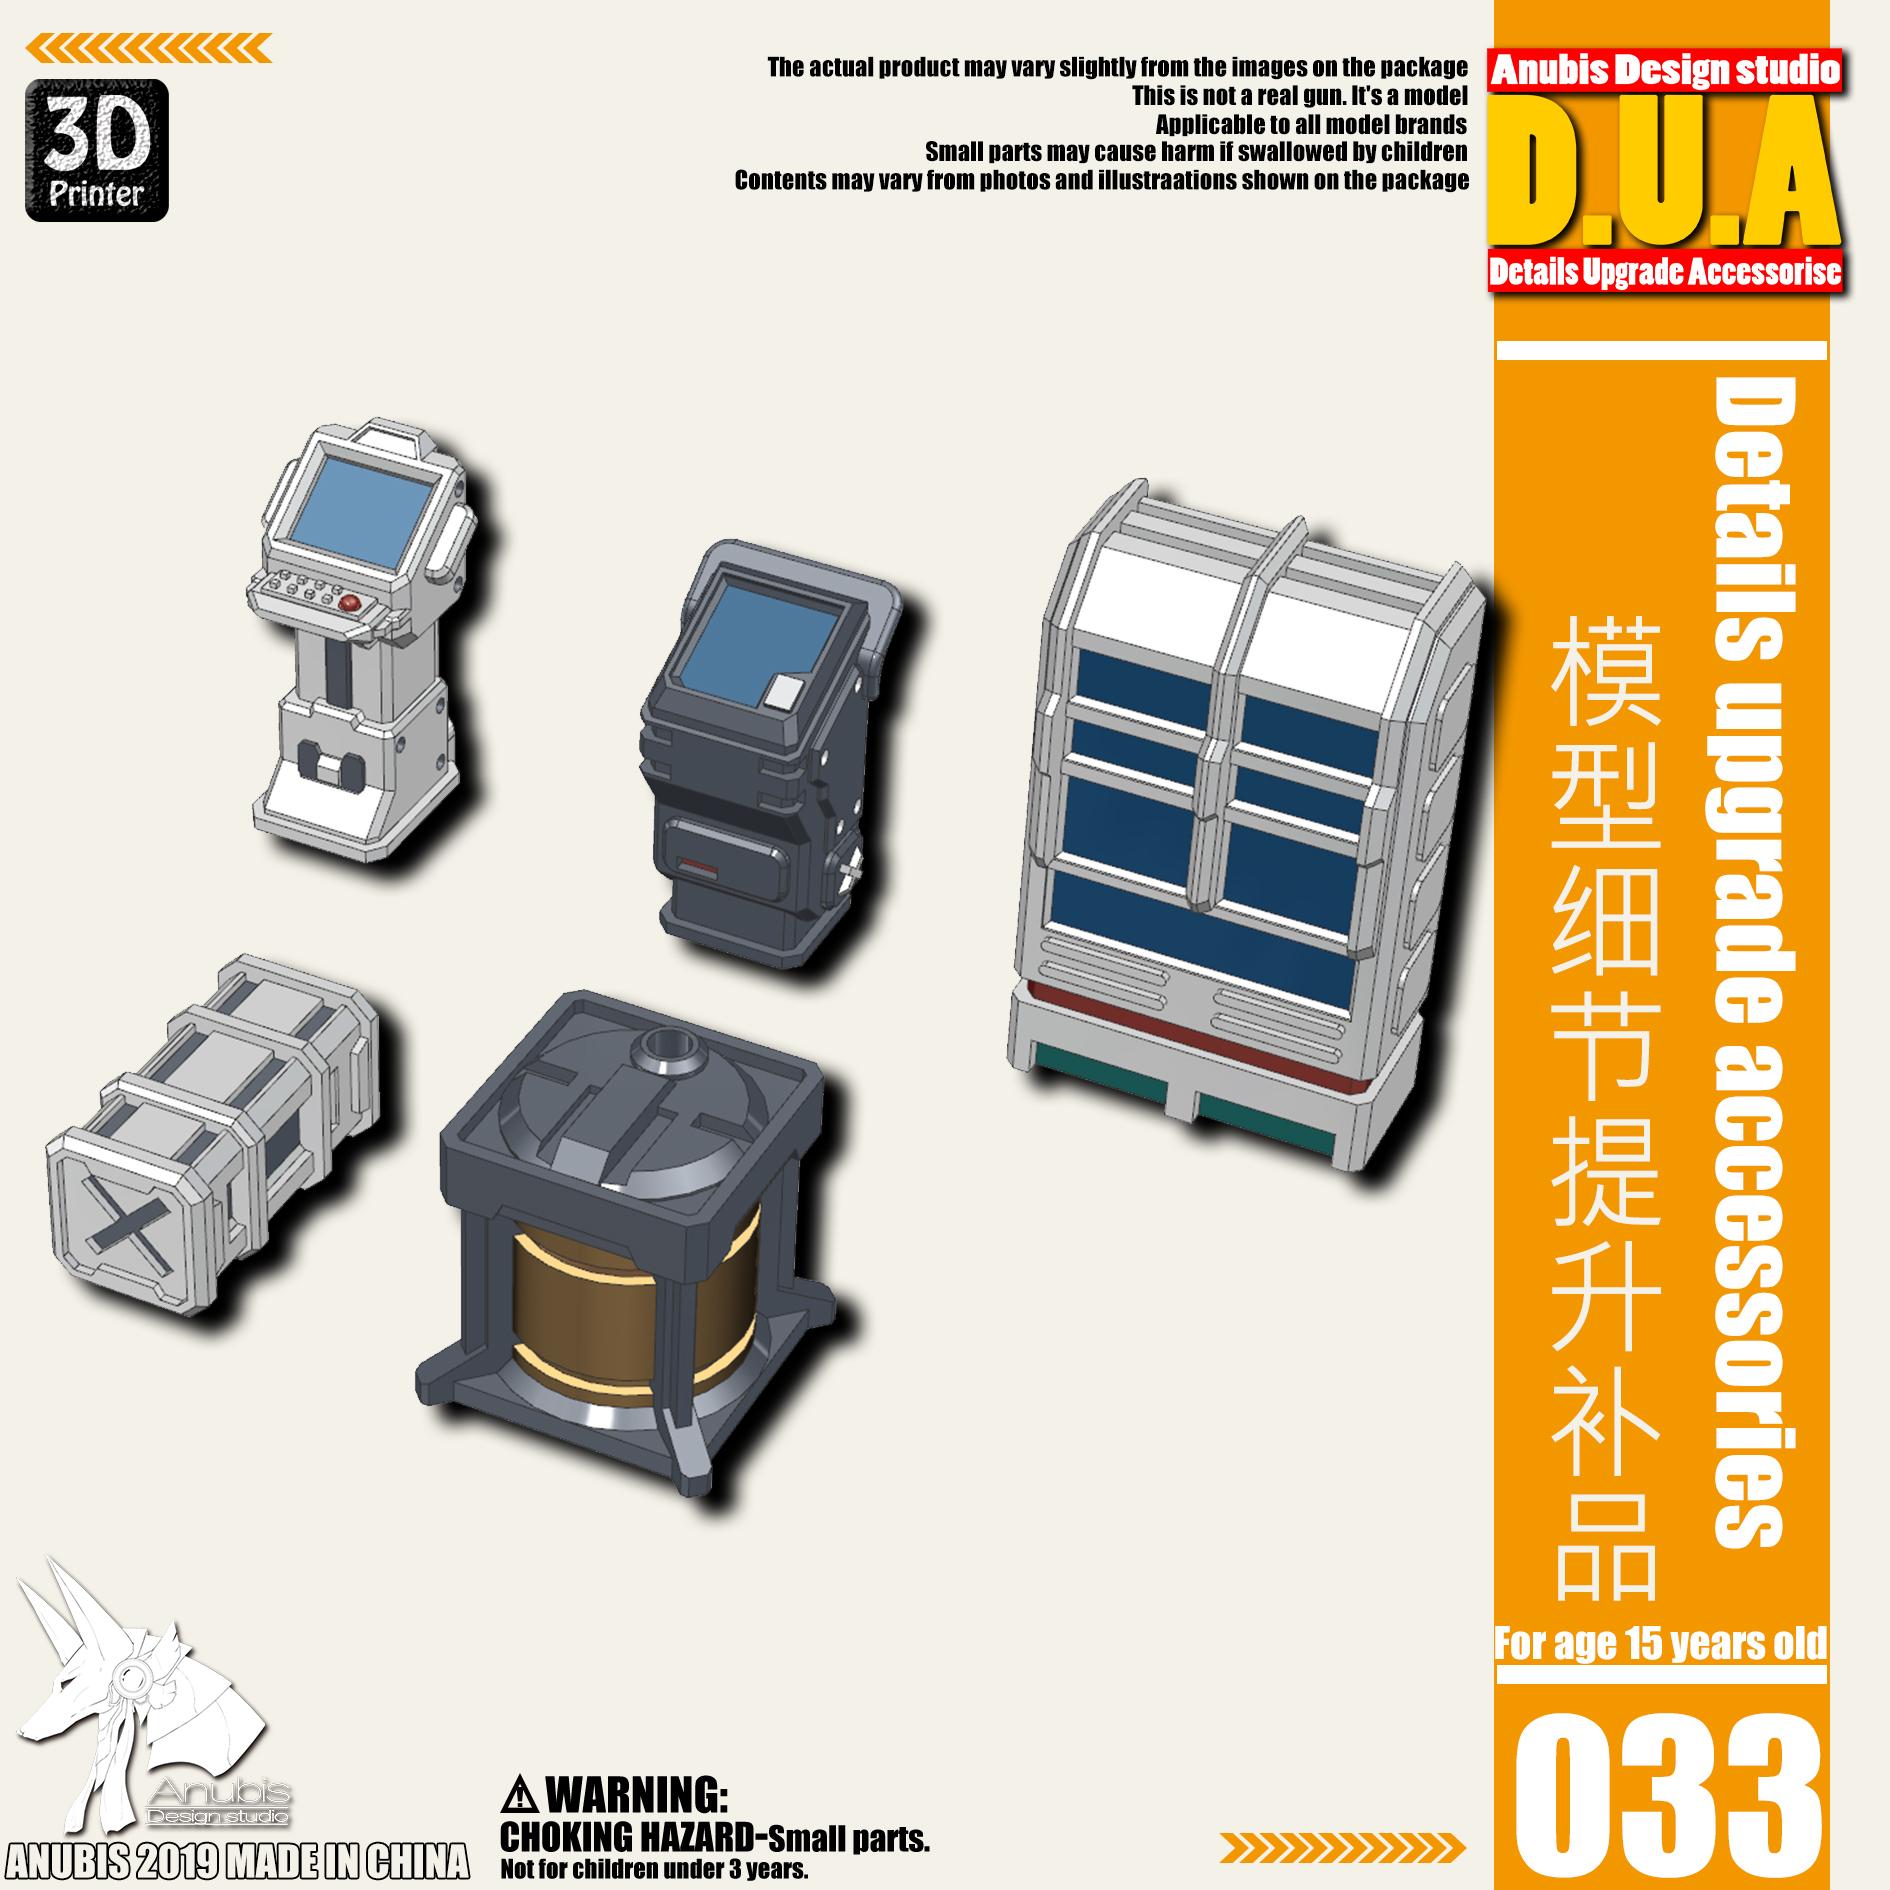 G413_DUA033_001.jpg